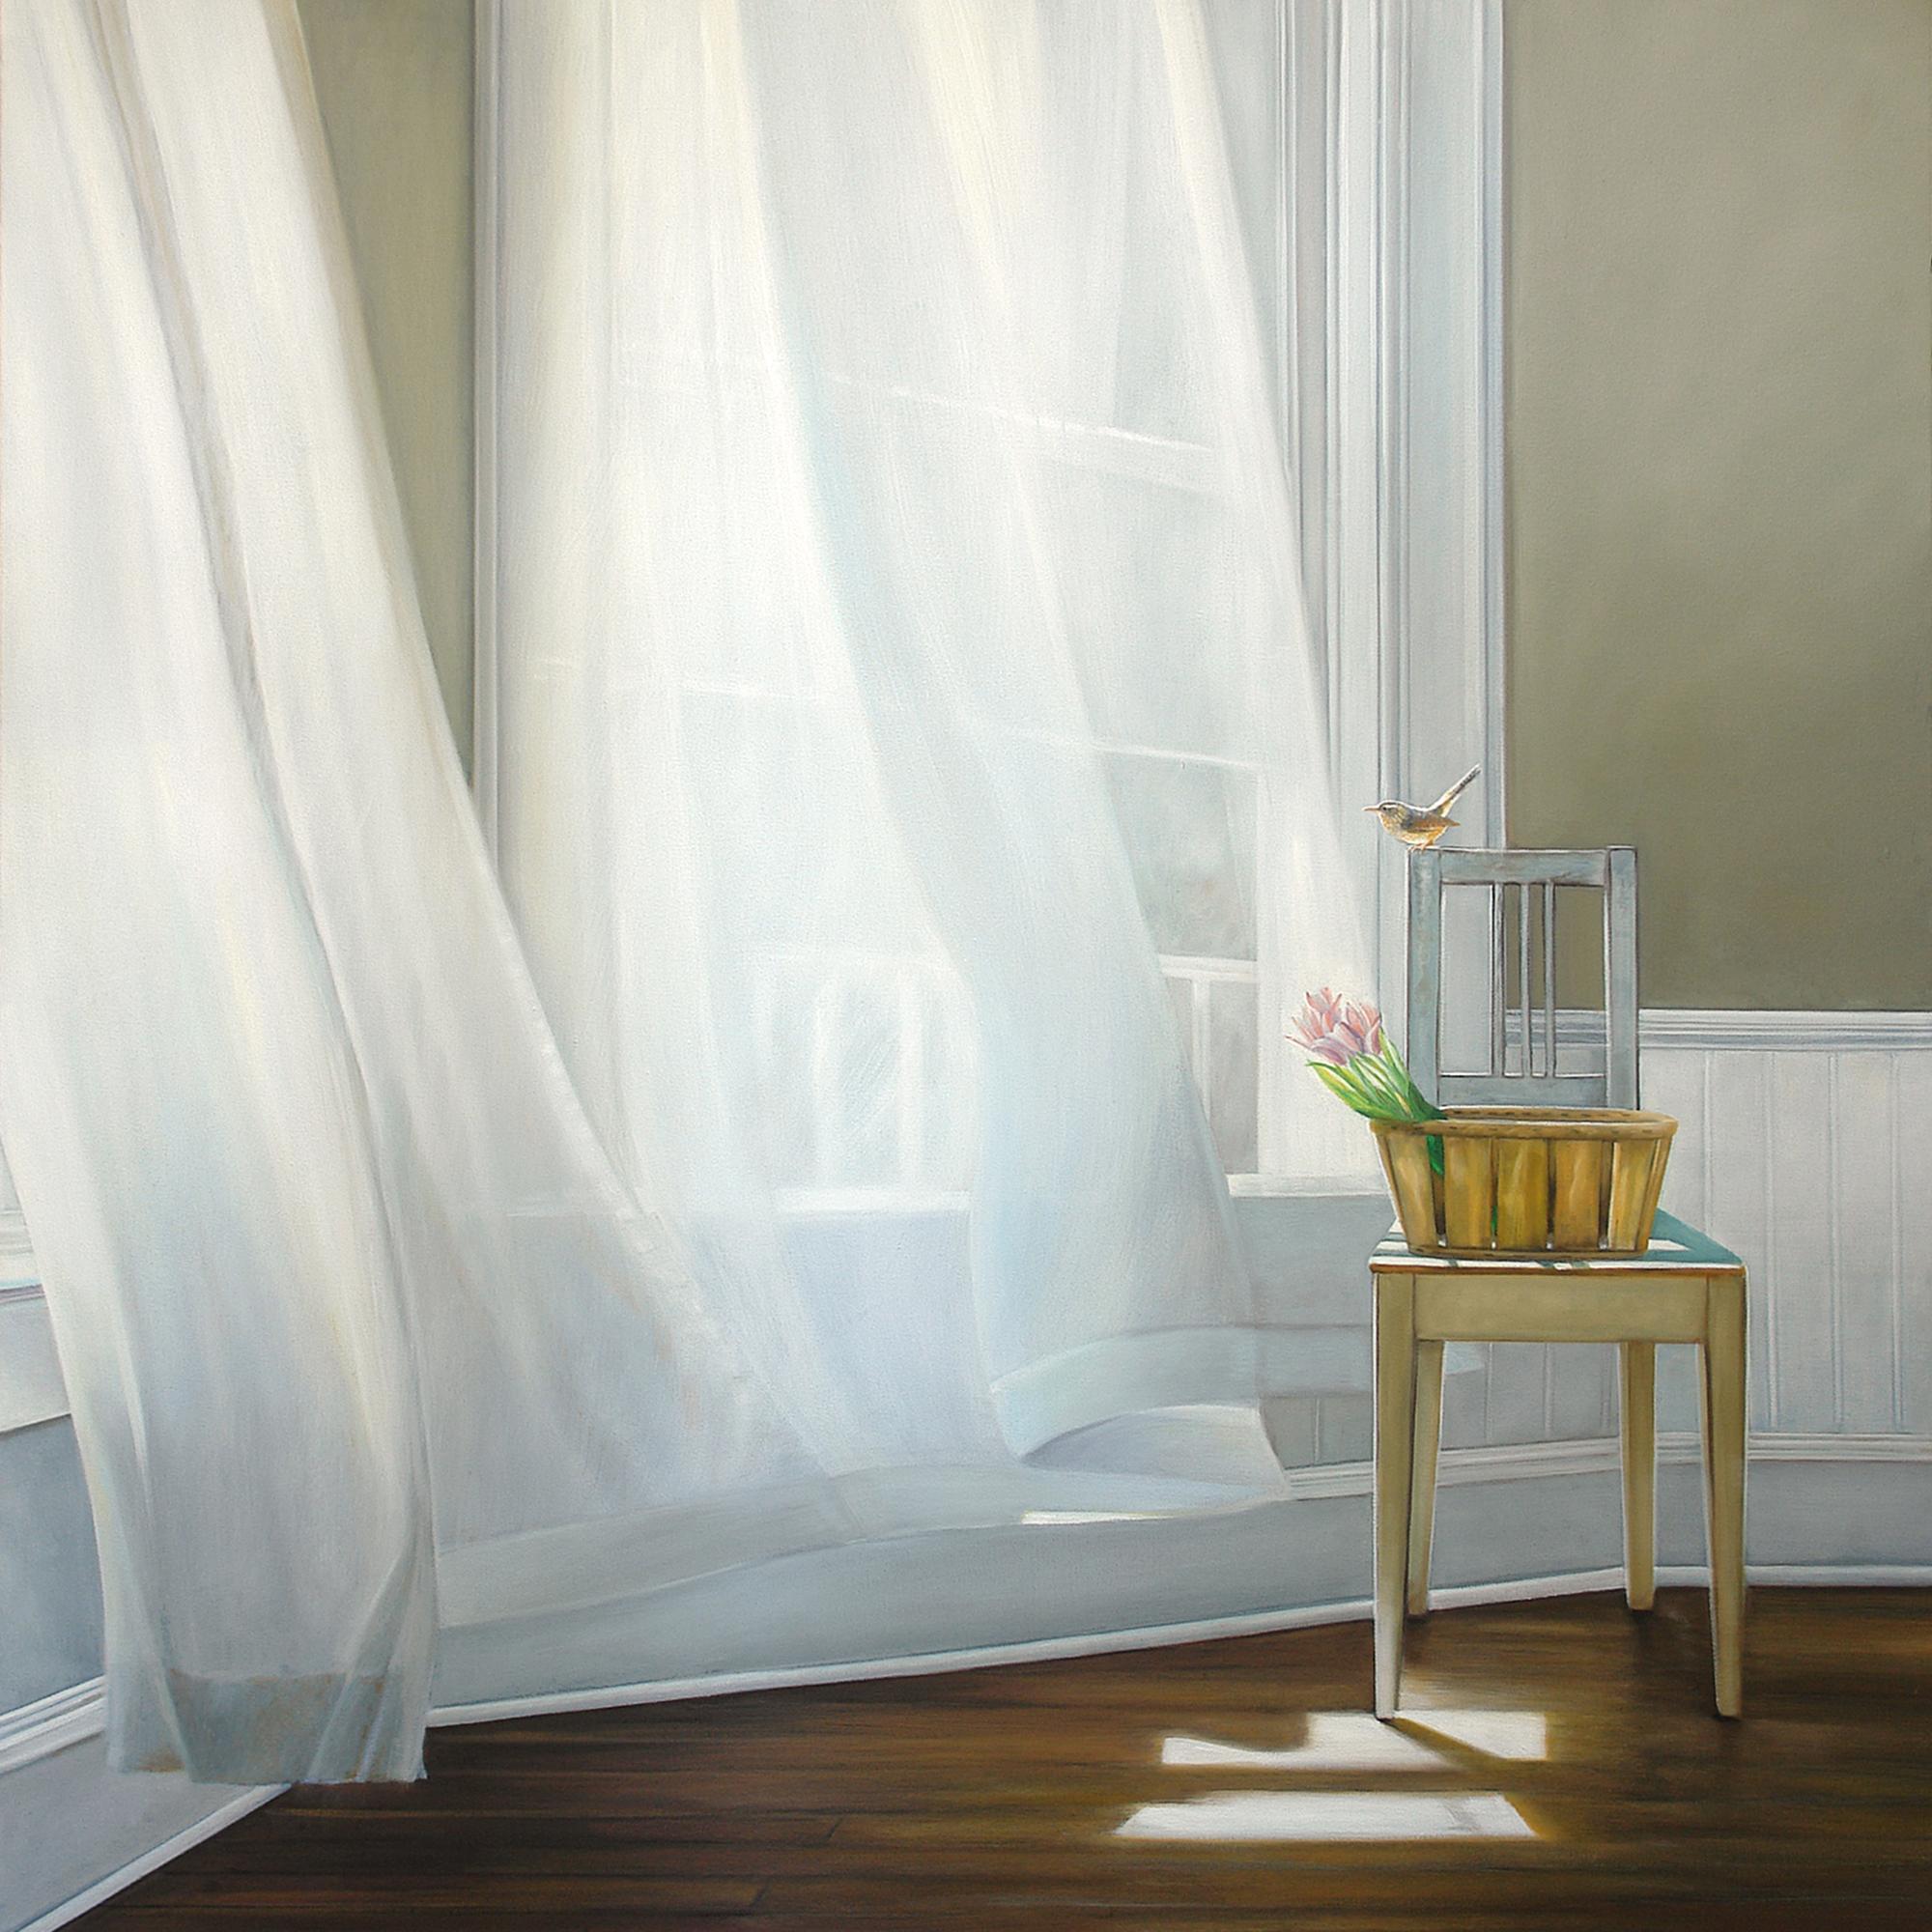 Air & Light | 36x 36 | Oil on canvas